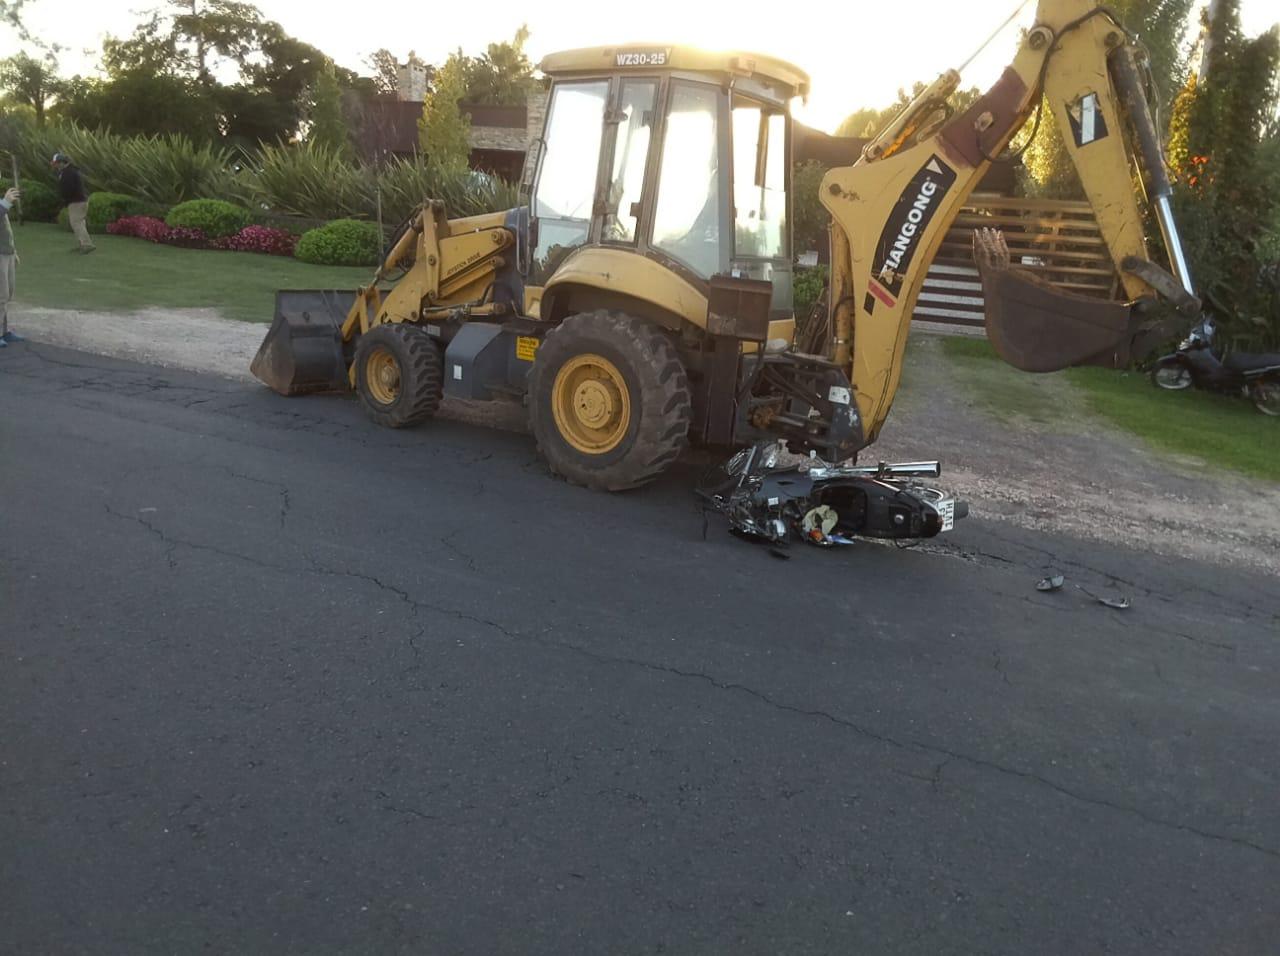 POLICÌA DE VILLAGUAY: Un joven resultò con lesiones graves al impactar la moto que conducía contra una retro-excavadora